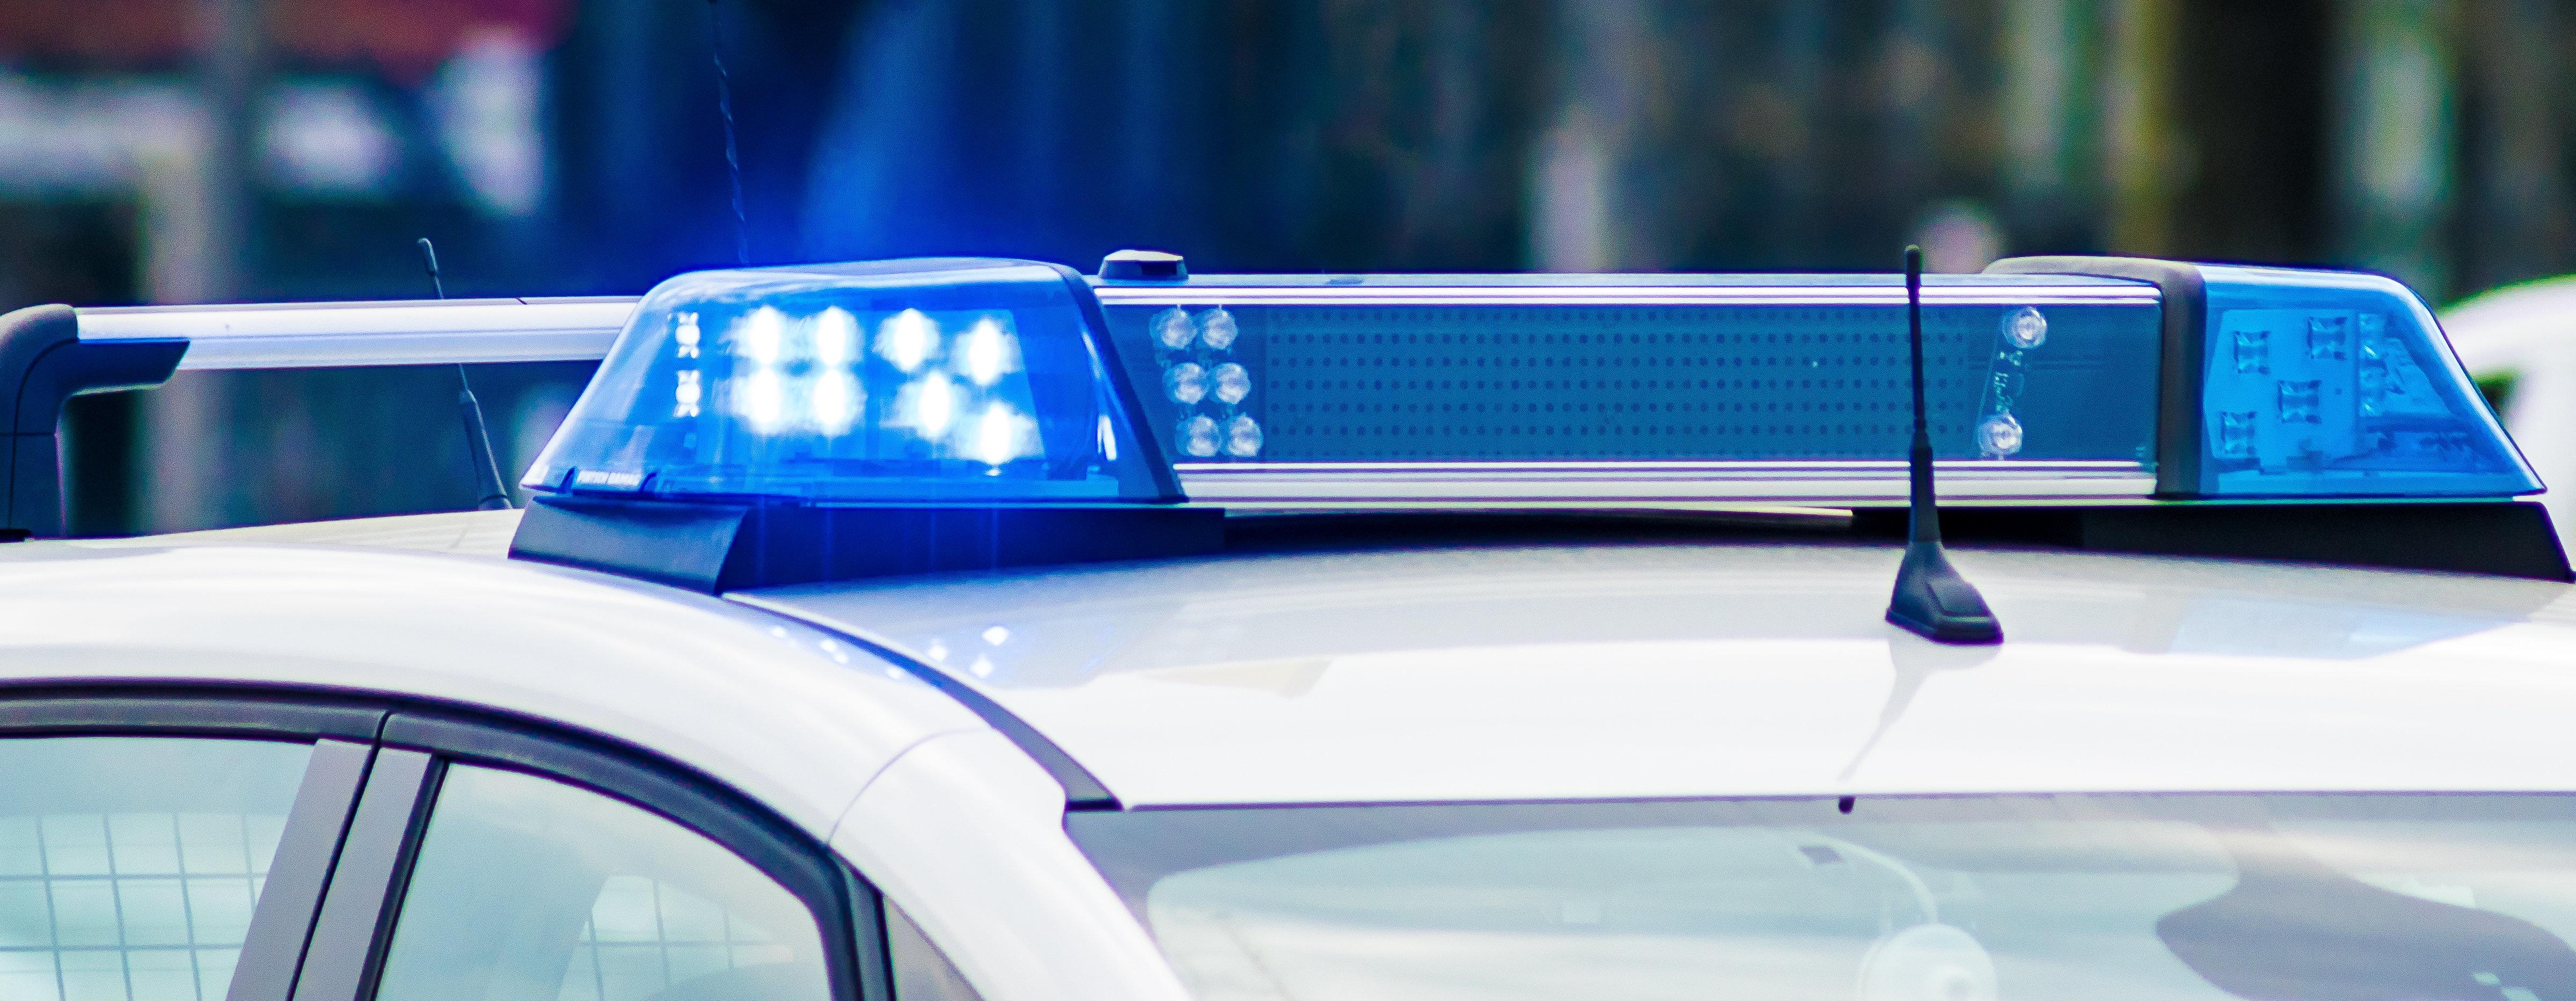 Nürnberg: Drei Frauen mit Stichwaffe schwer verletzt - zwei schweben in